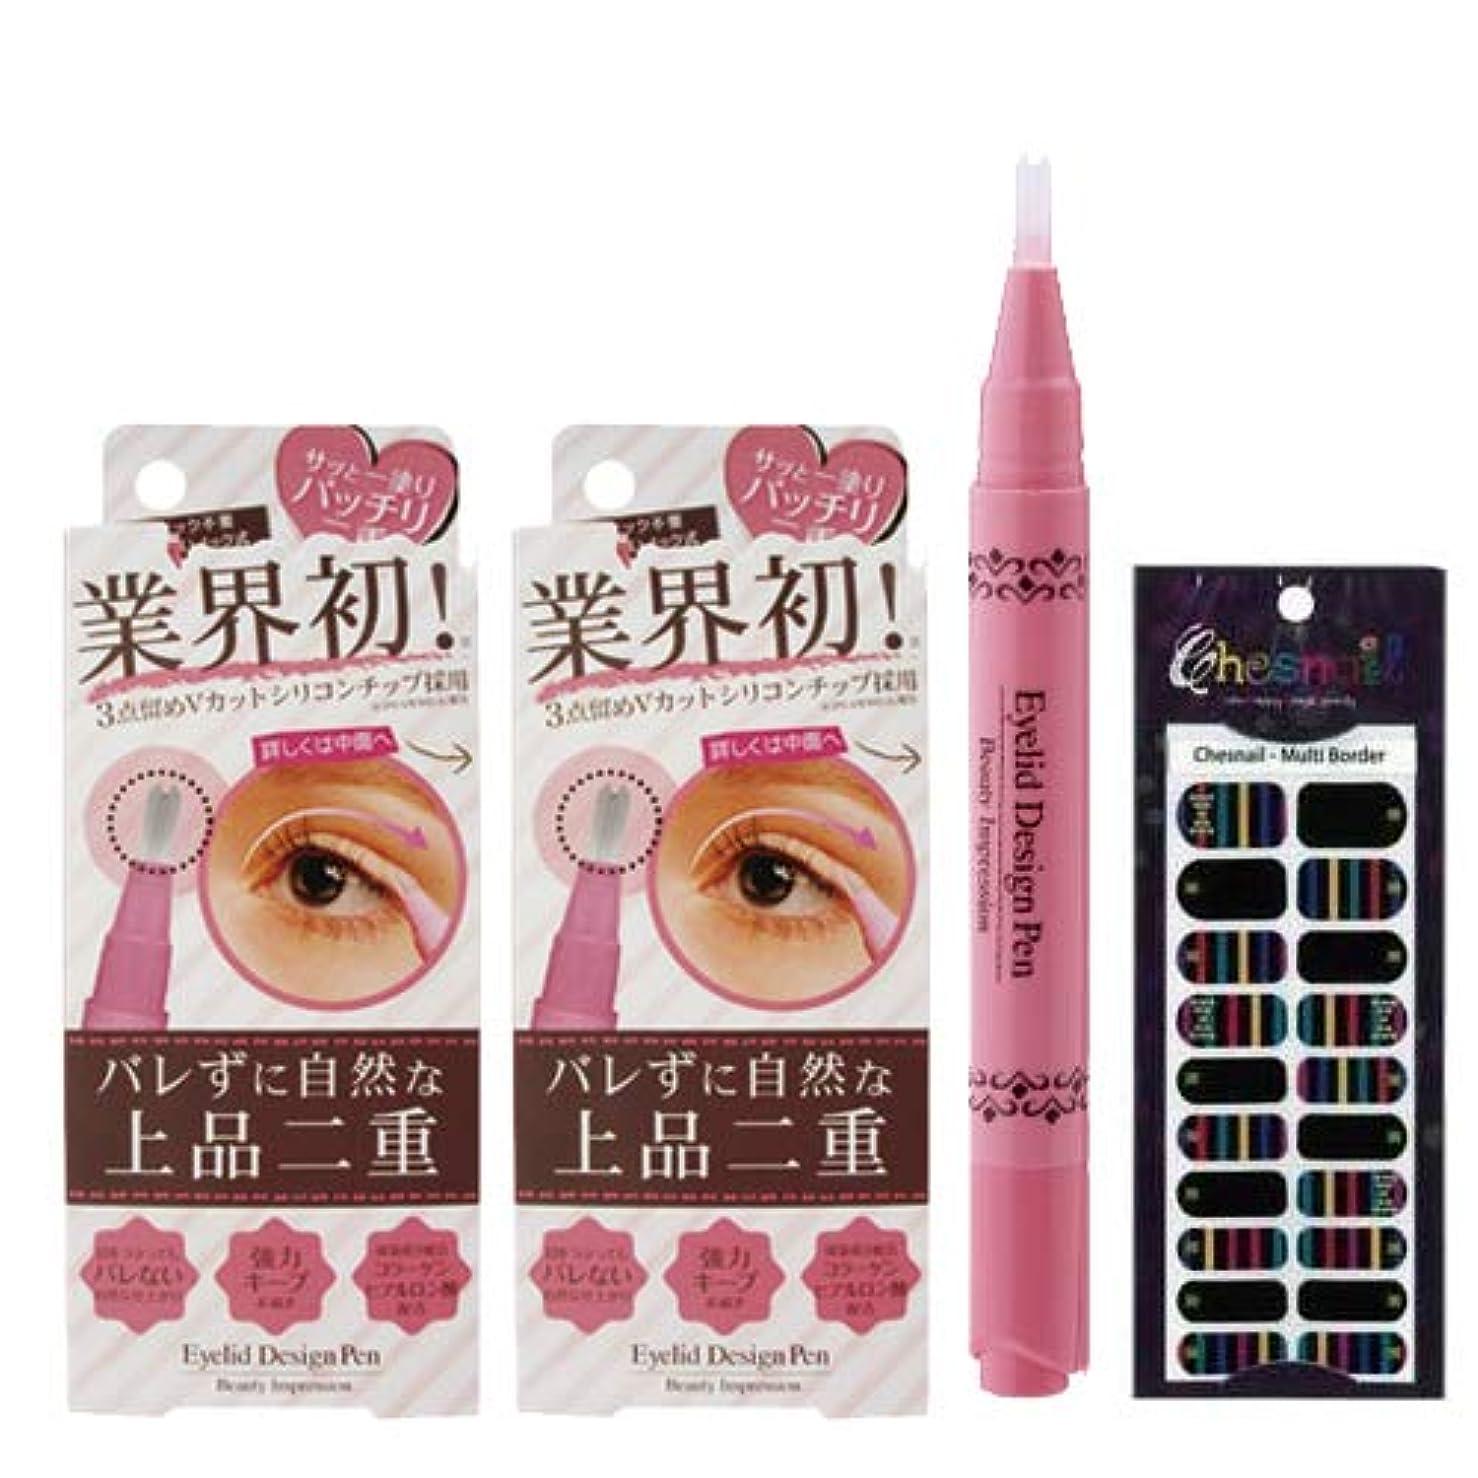 巧みな間違っている晩餐Beauty Impression アイリッドデザインペン 2ml (二重まぶた形成化粧品) ×2個 + チェスネイル(マルチボーダー)セット